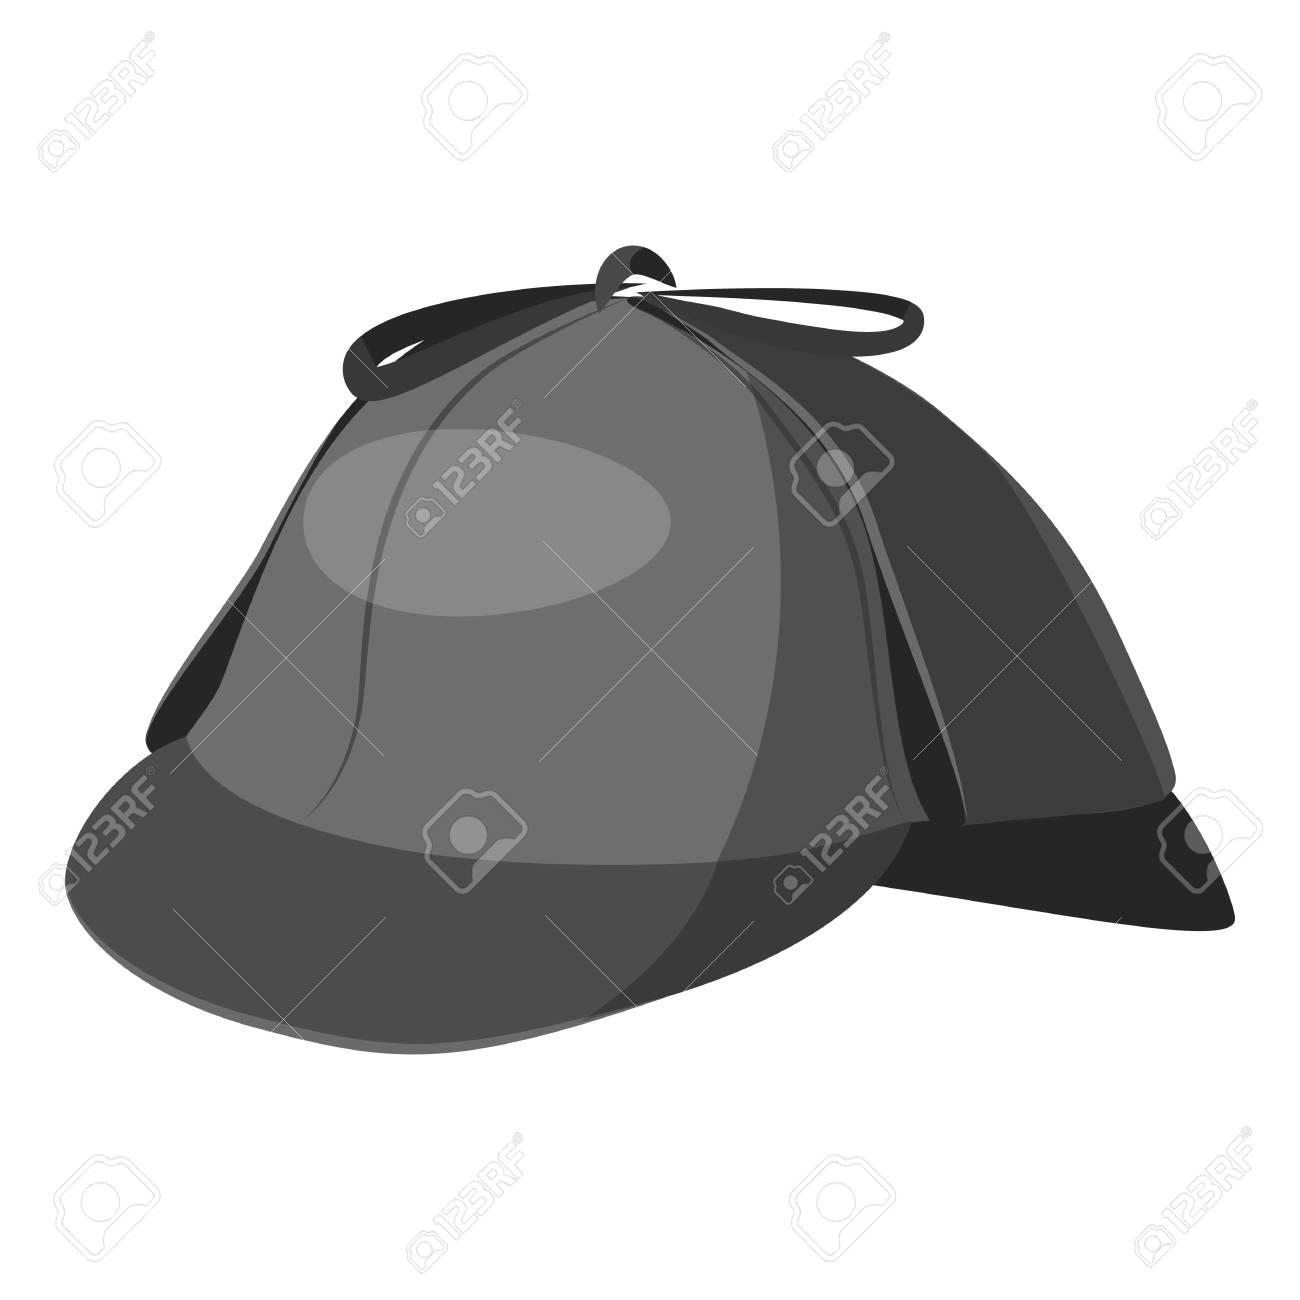 244780a613ffe Foto de archivo - Sombrero detective icono. Ilustración monocromática gris  del icono de vector de detective de sombrero para web